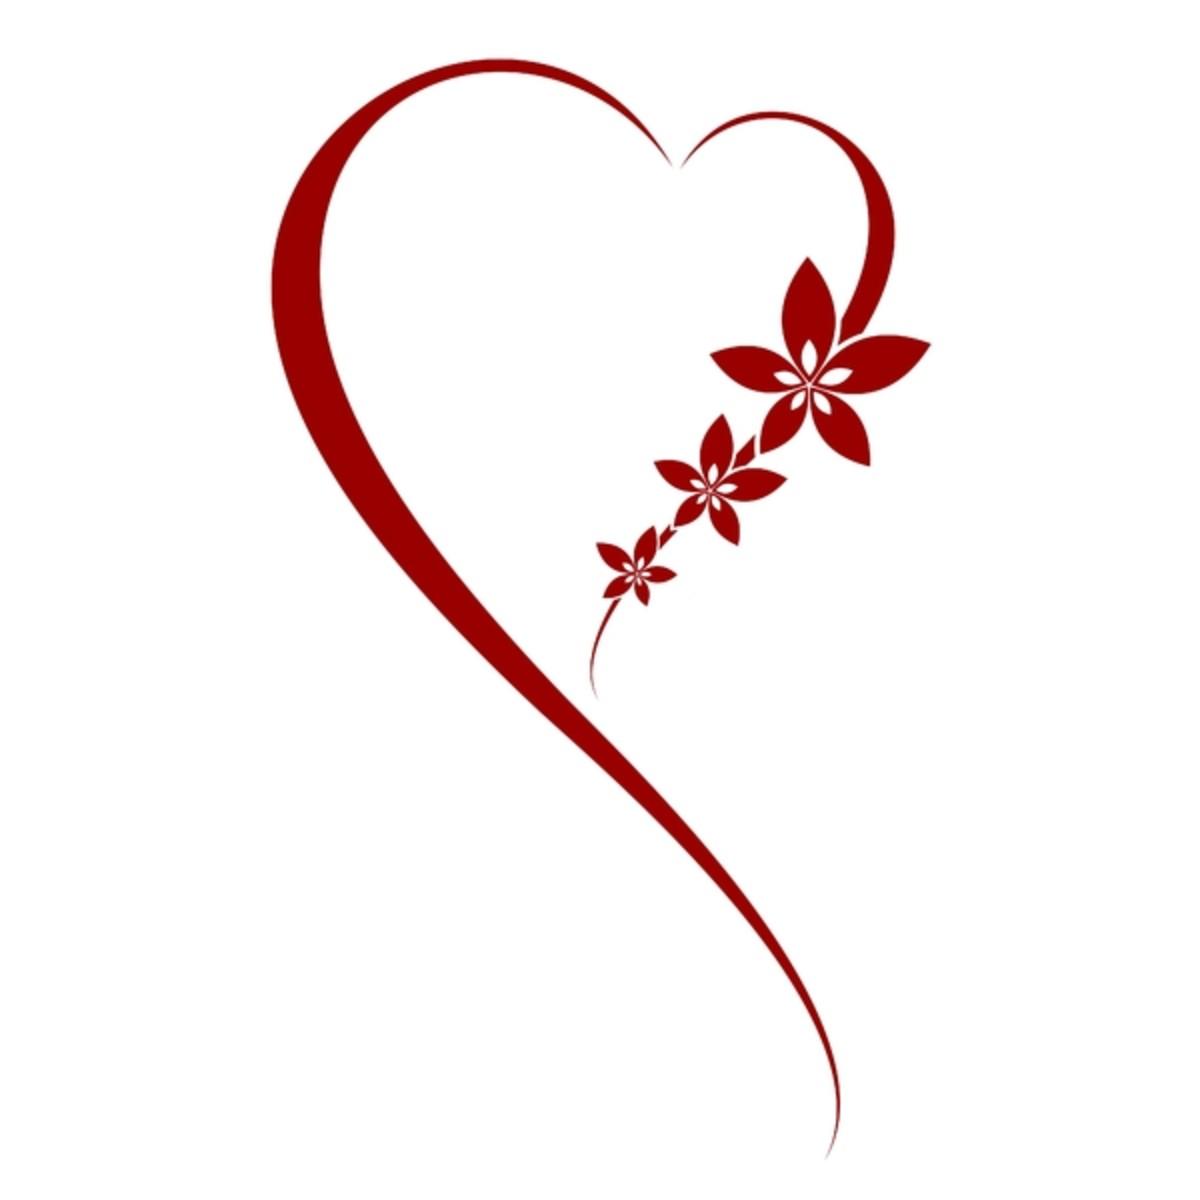 Heart Art Pattern